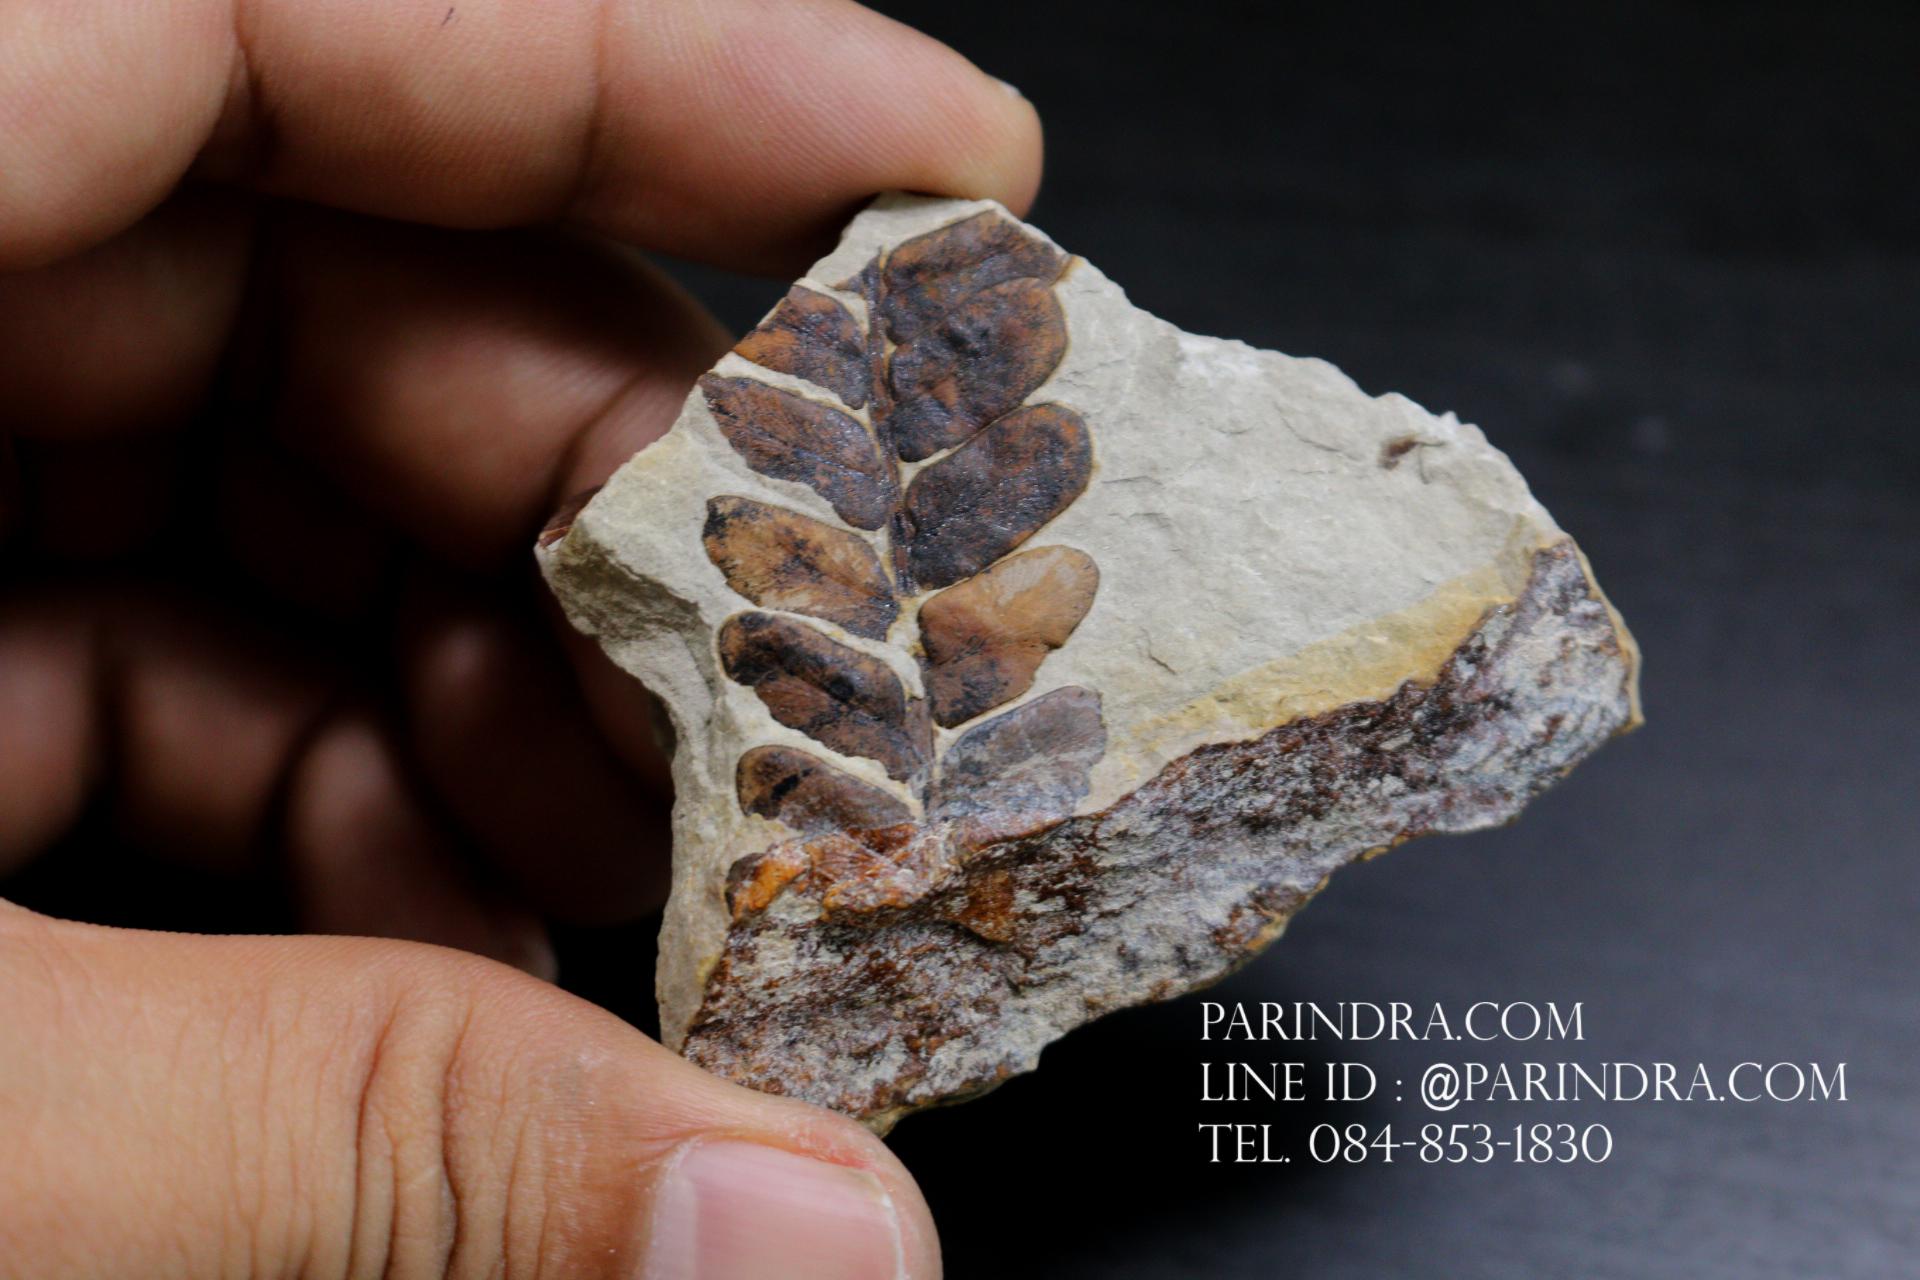 ฟอสซิลเฟิร์น ชนิด Neuropteris ovata จาก SPAIN #FRN003